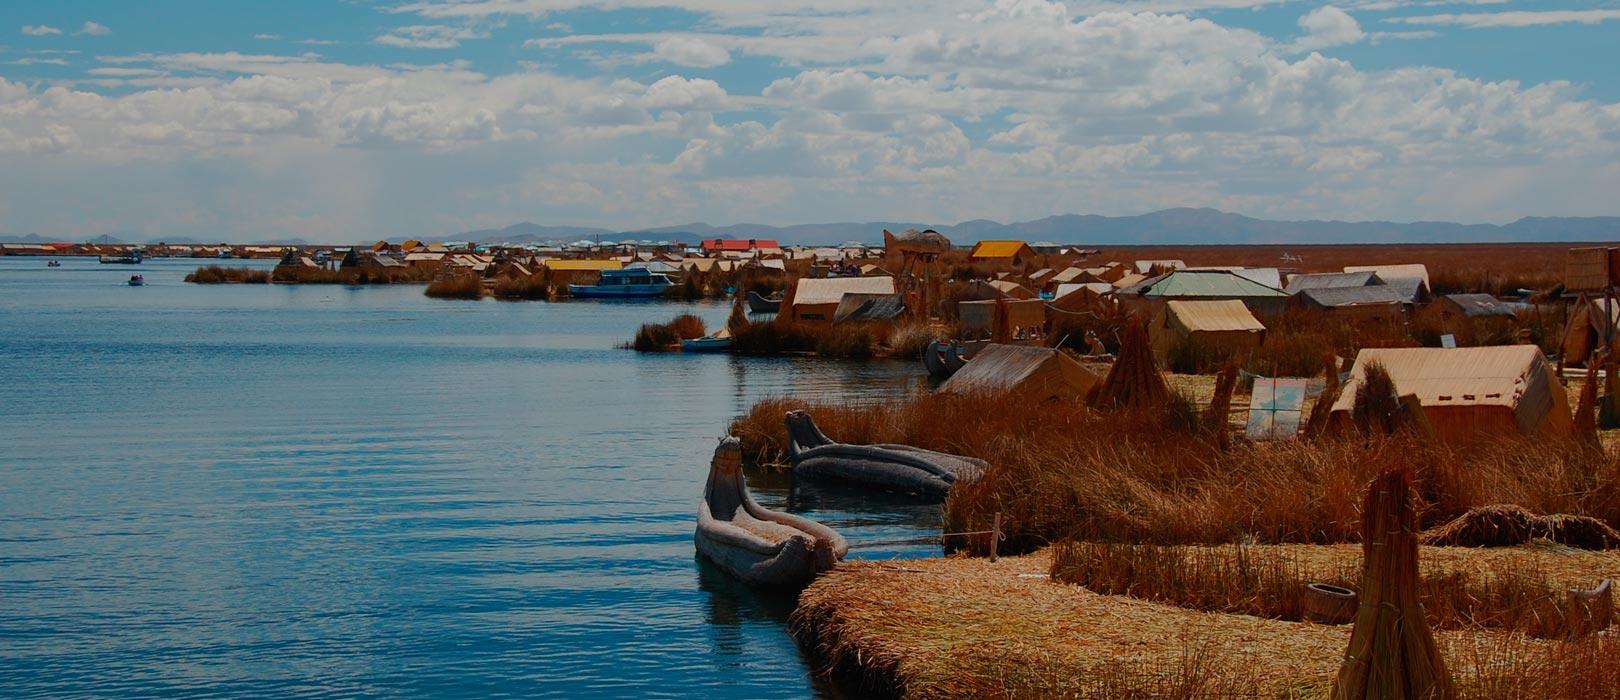 revslider-uros-titicaca